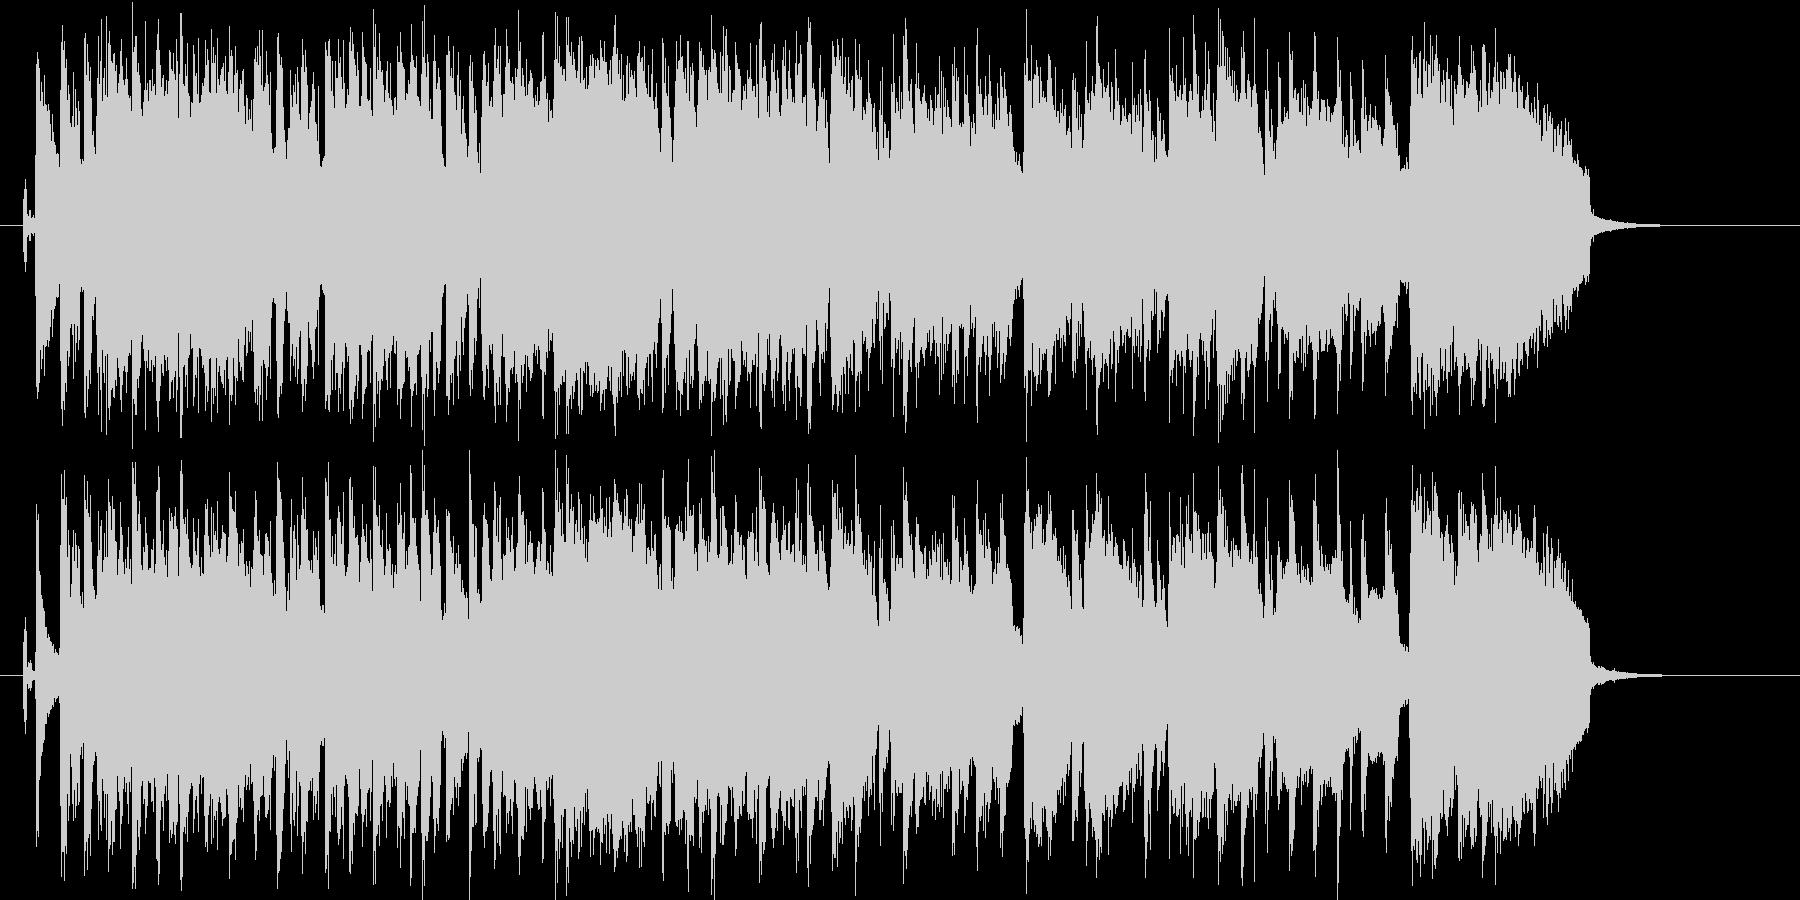 エレキギターがパワフルなロックバンド曲の未再生の波形